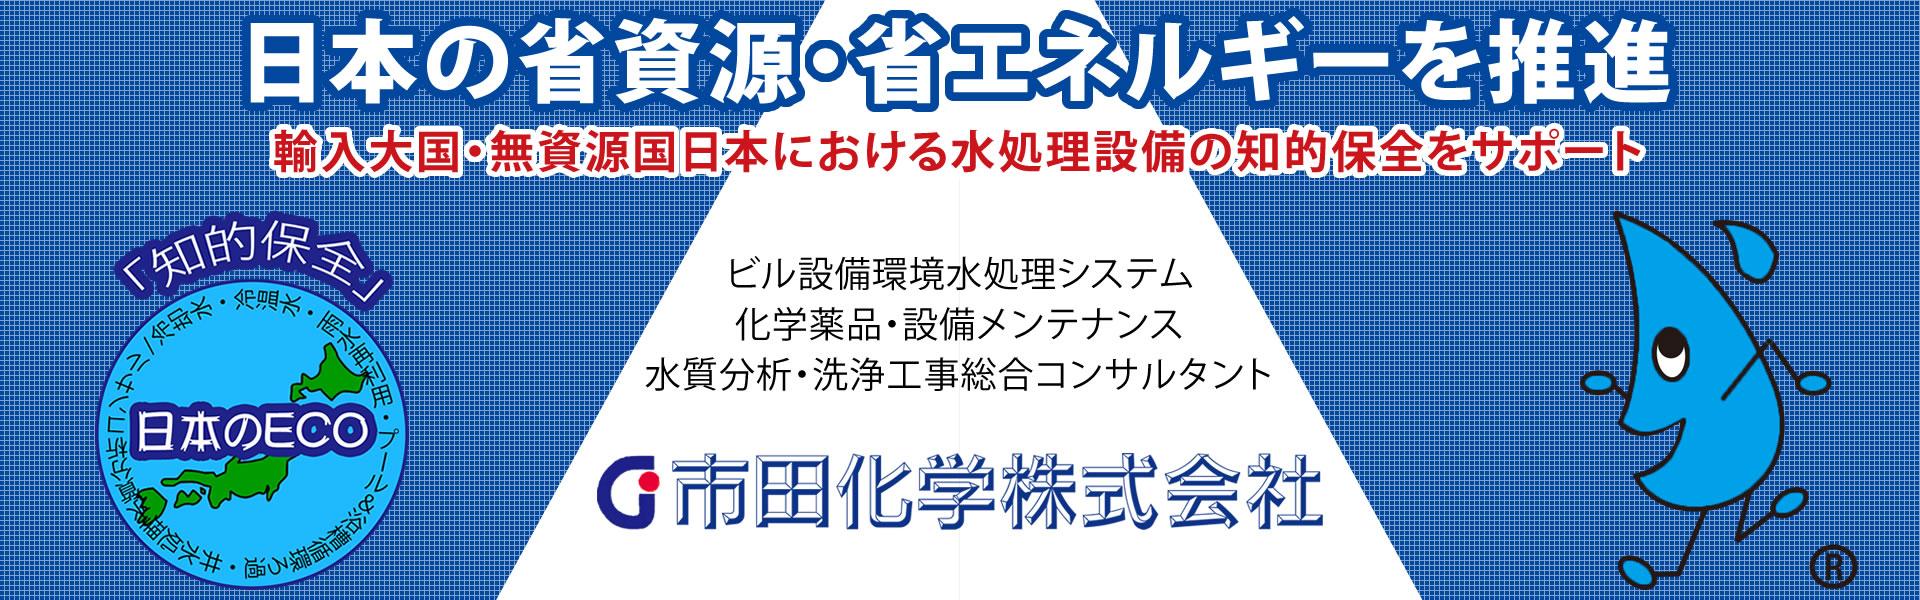 市田化学 株式会社